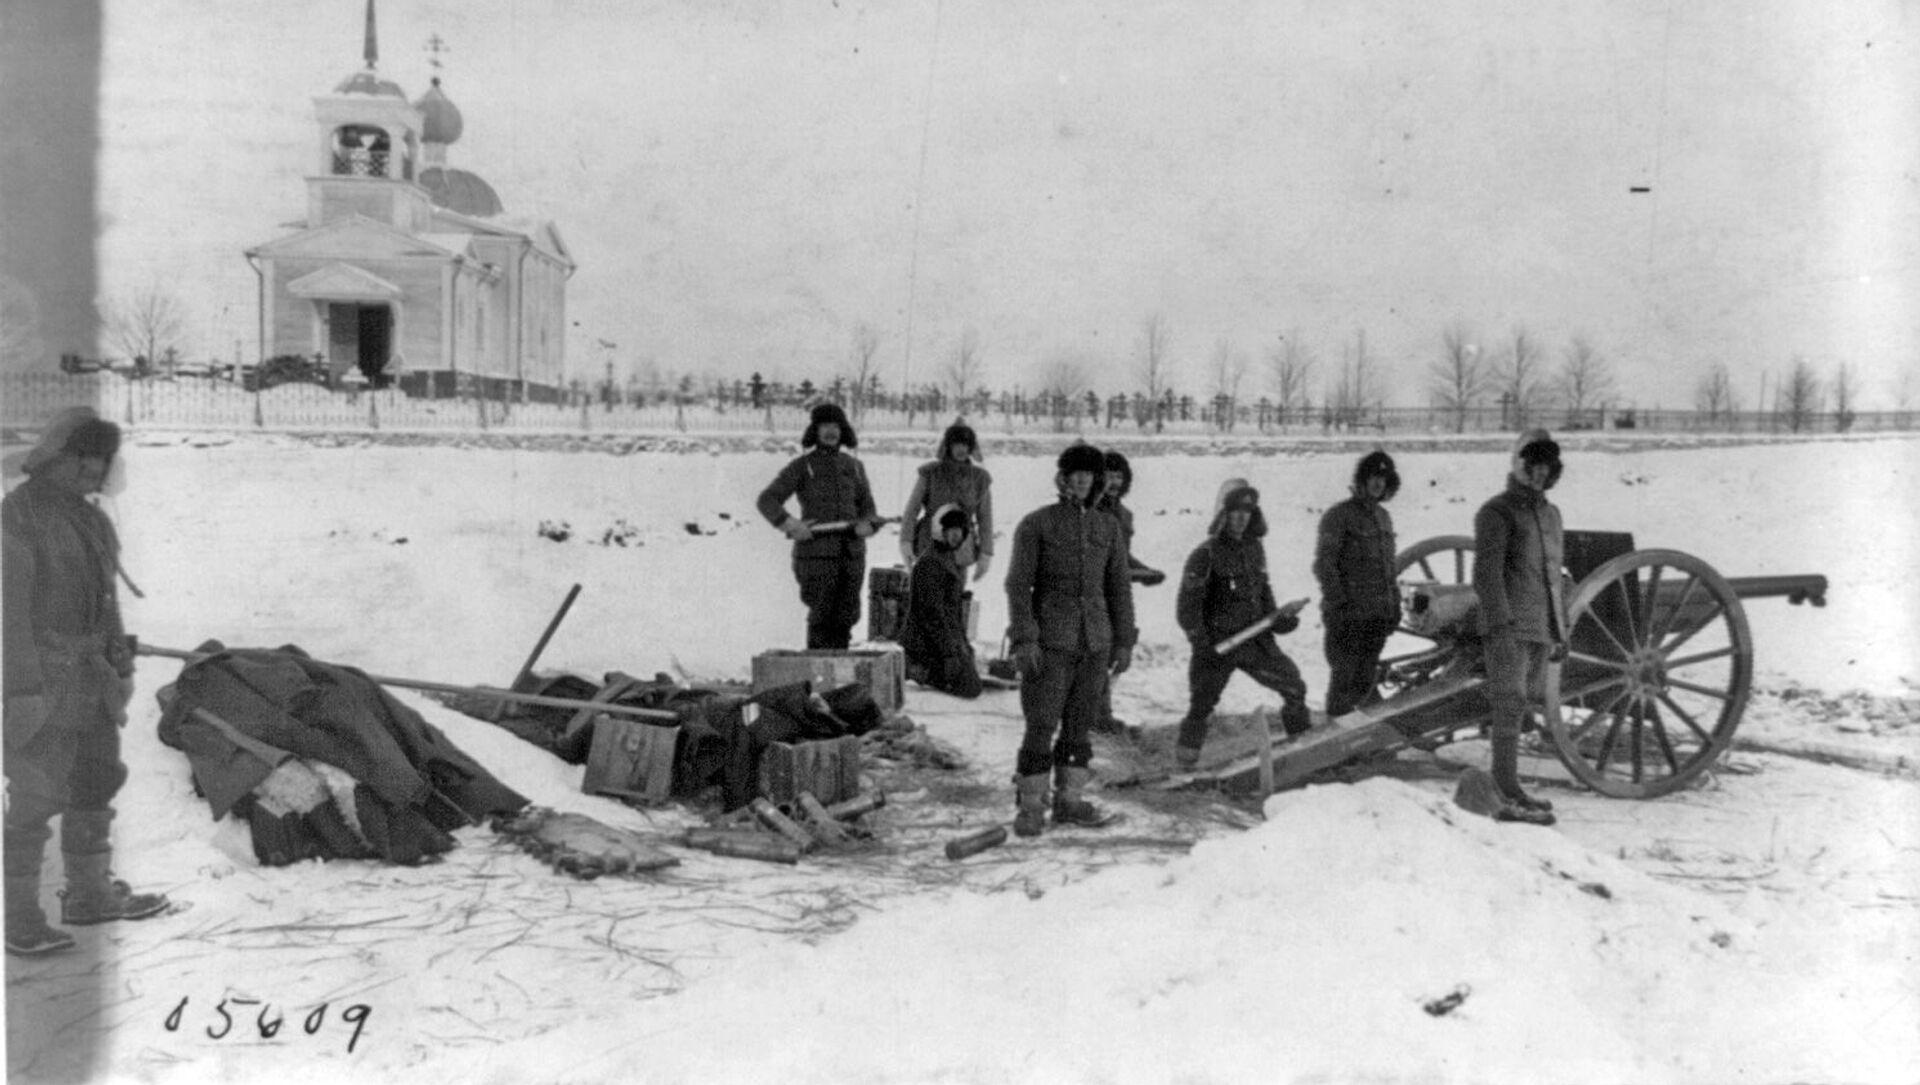 Soldados estadounidenses en el norte de Rusia, 1919 - Sputnik Mundo, 1920, 10.09.2019